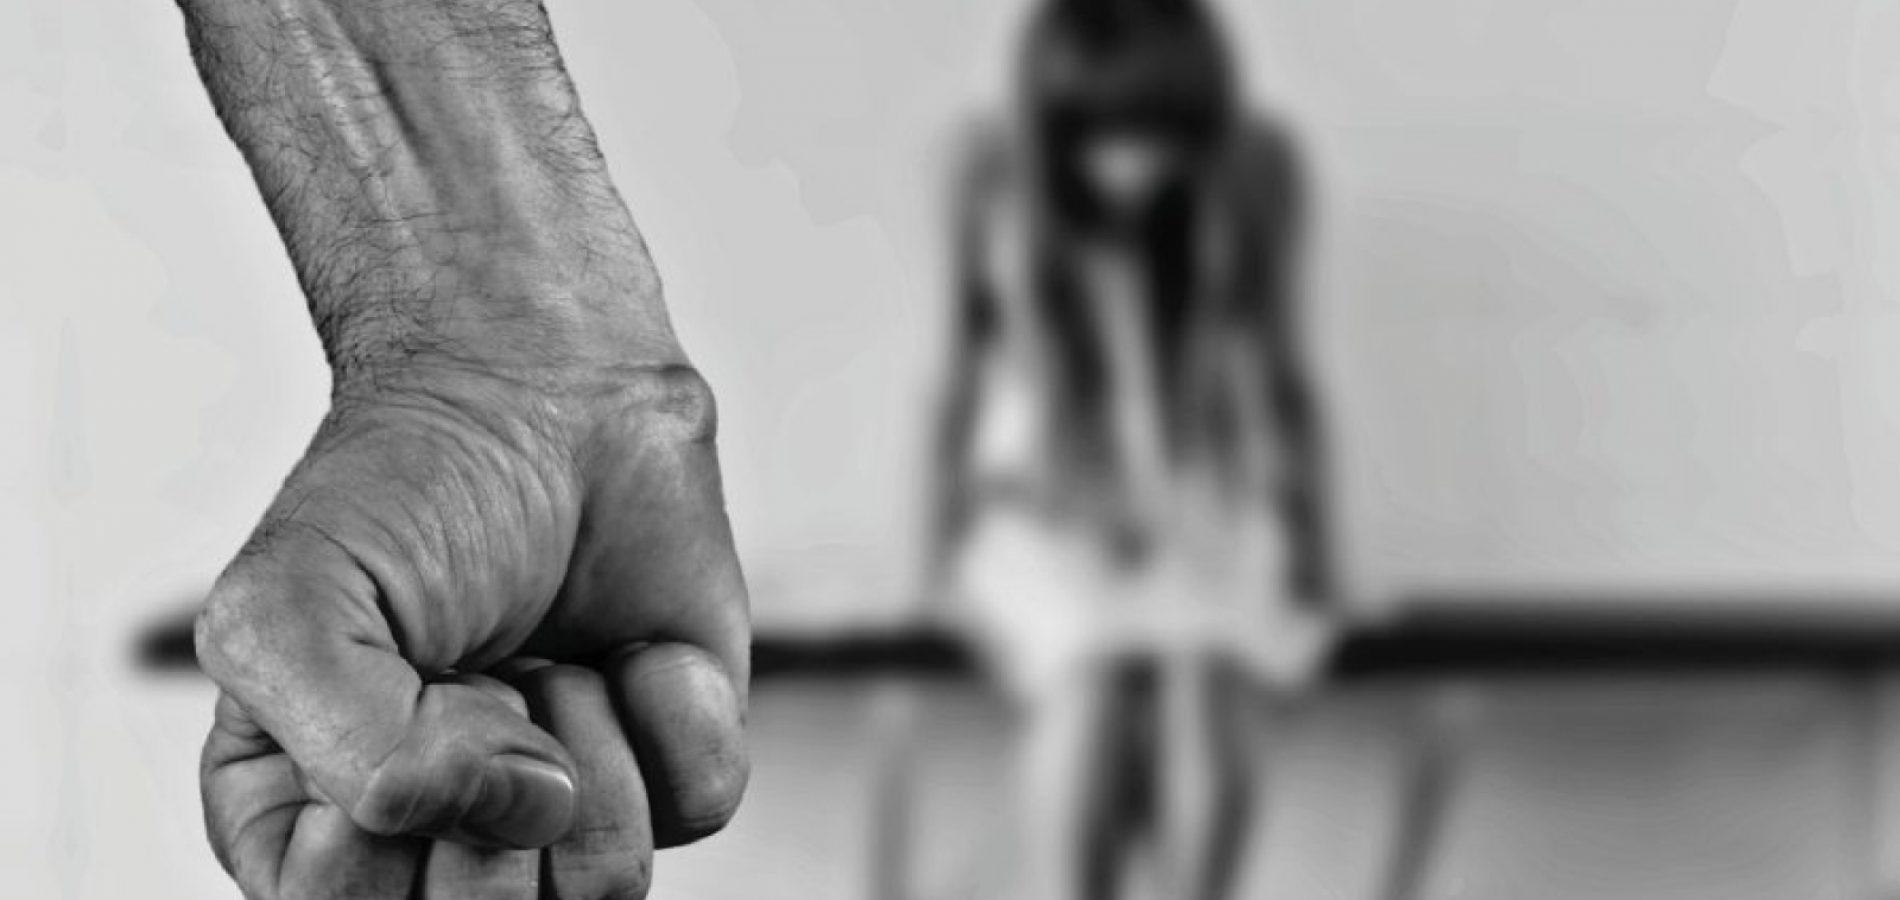 ACAUÃ | Padrasto é preso após tentar estuprar enteada de 12 anos